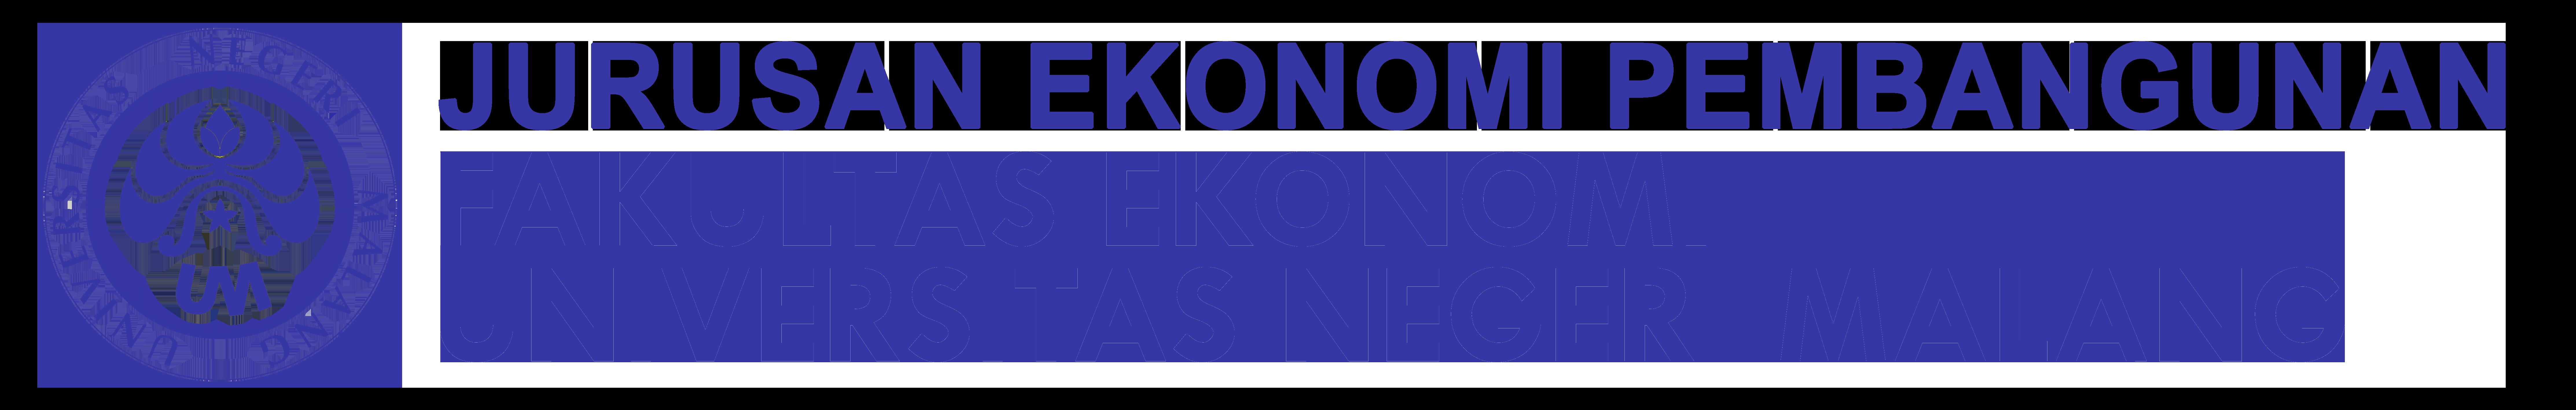 Jurusan Ekonomi Pembangunan Fakultas Ekonomi